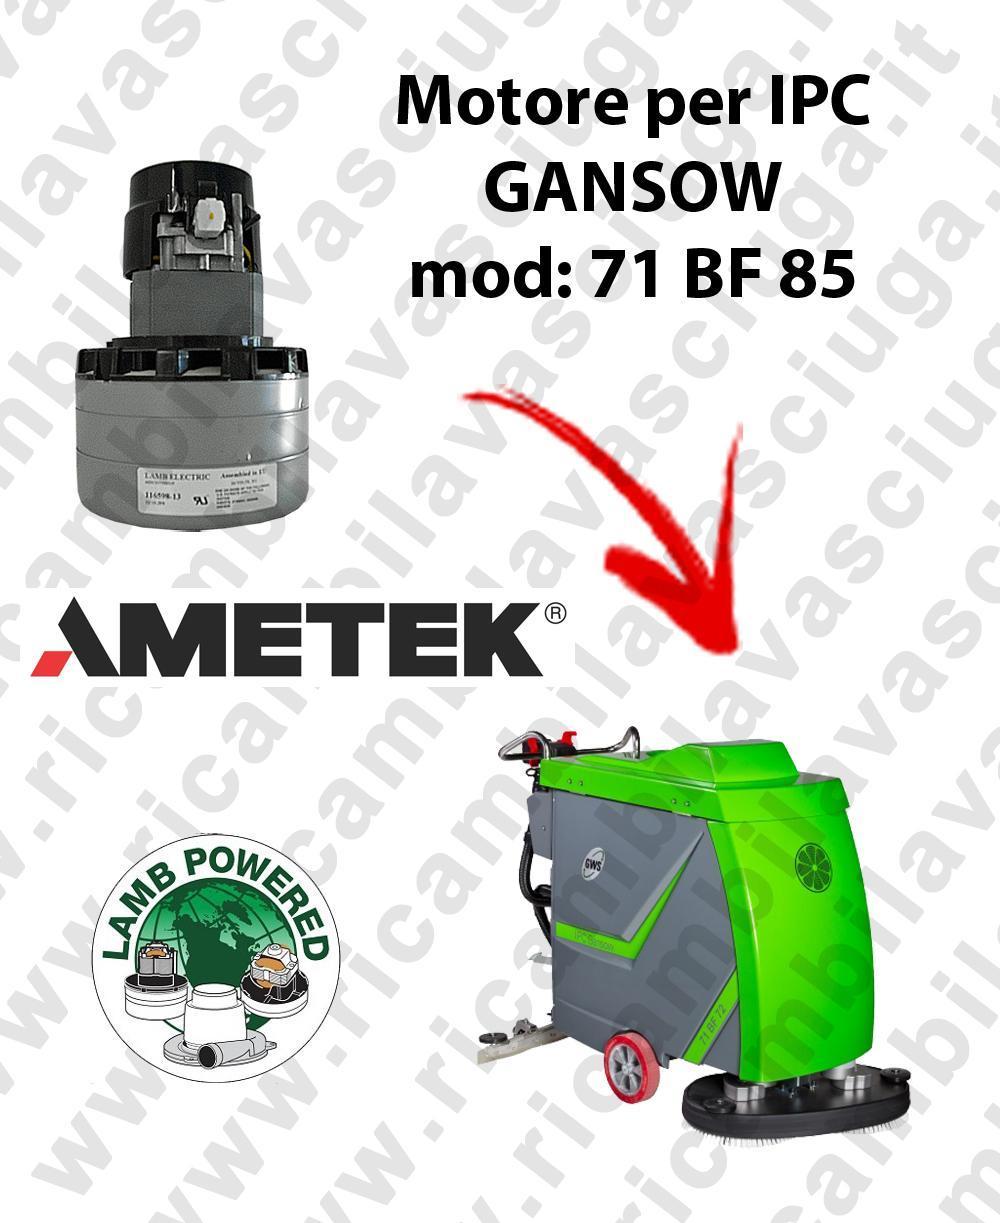 71 BF 85 MOTEUR ASPIRATION LAMB AMATEK pour autolaveuses IPC GANSOW